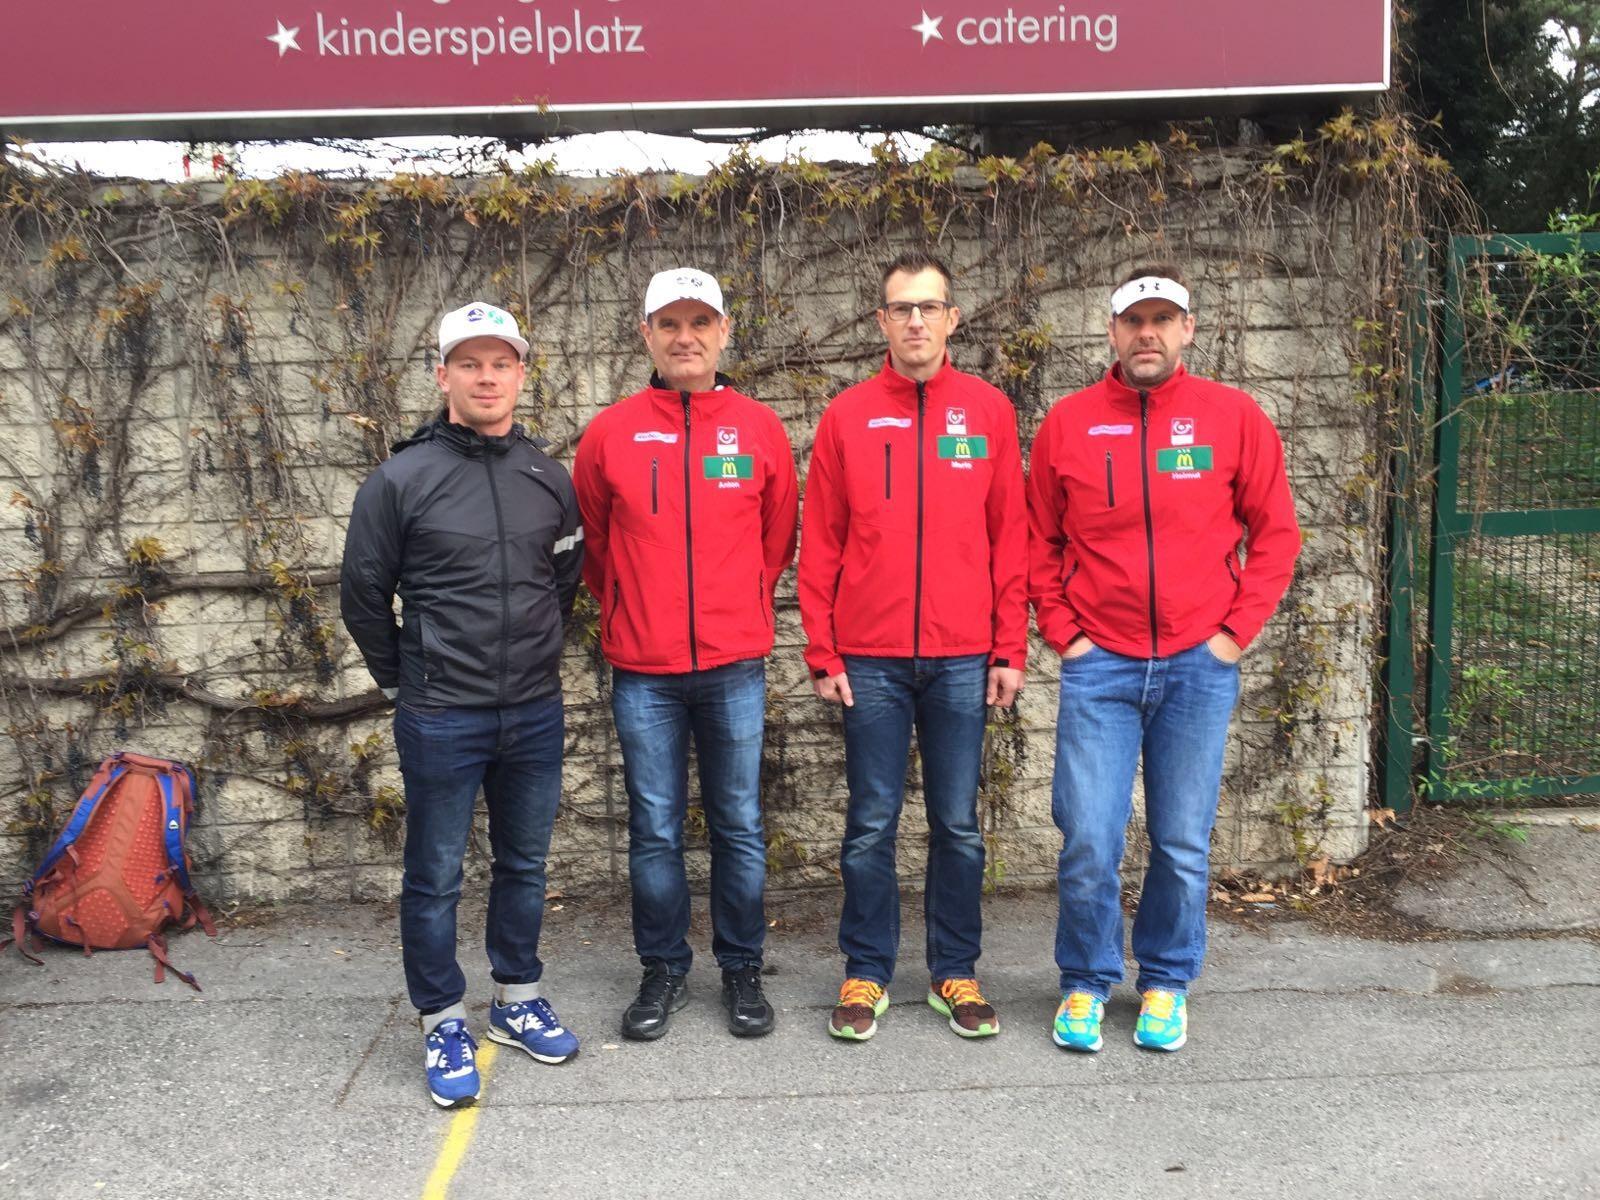 Unser Amstettner Trio lief den Staffelmarathon